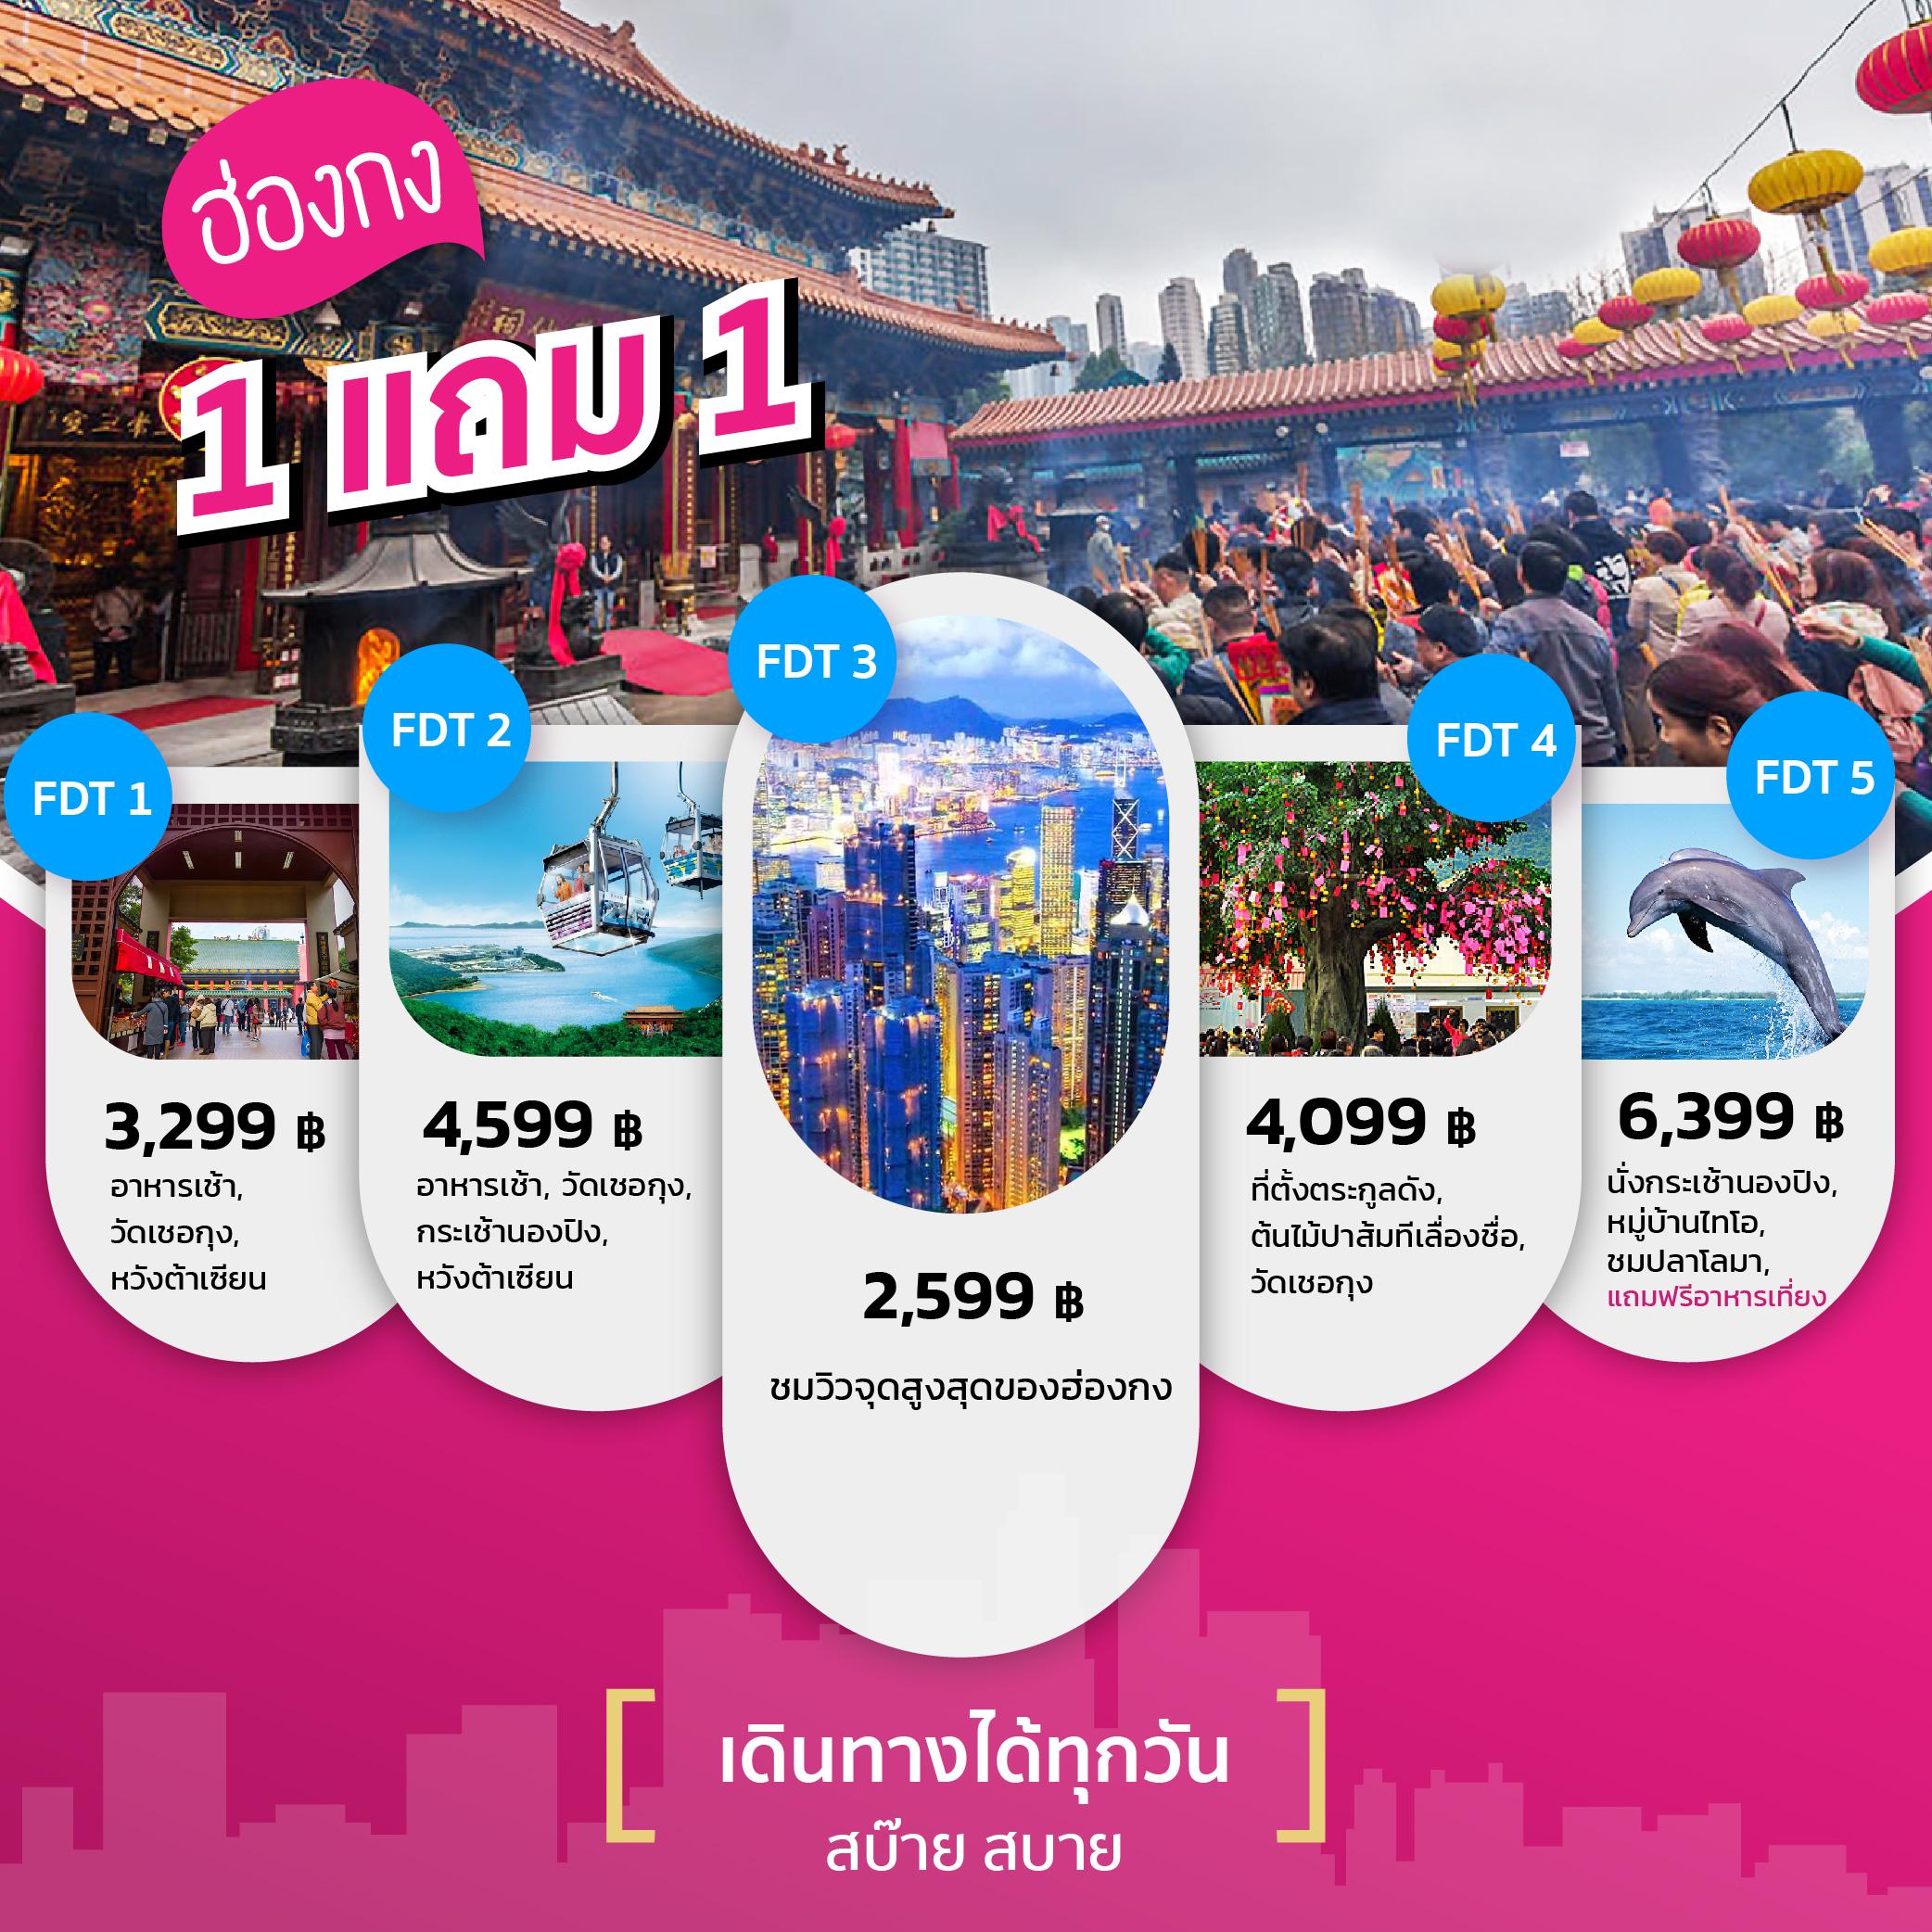 FDT 1-5 : เที่ยวฮ่องกงได้ทุกวันสบ๊ายสบาย